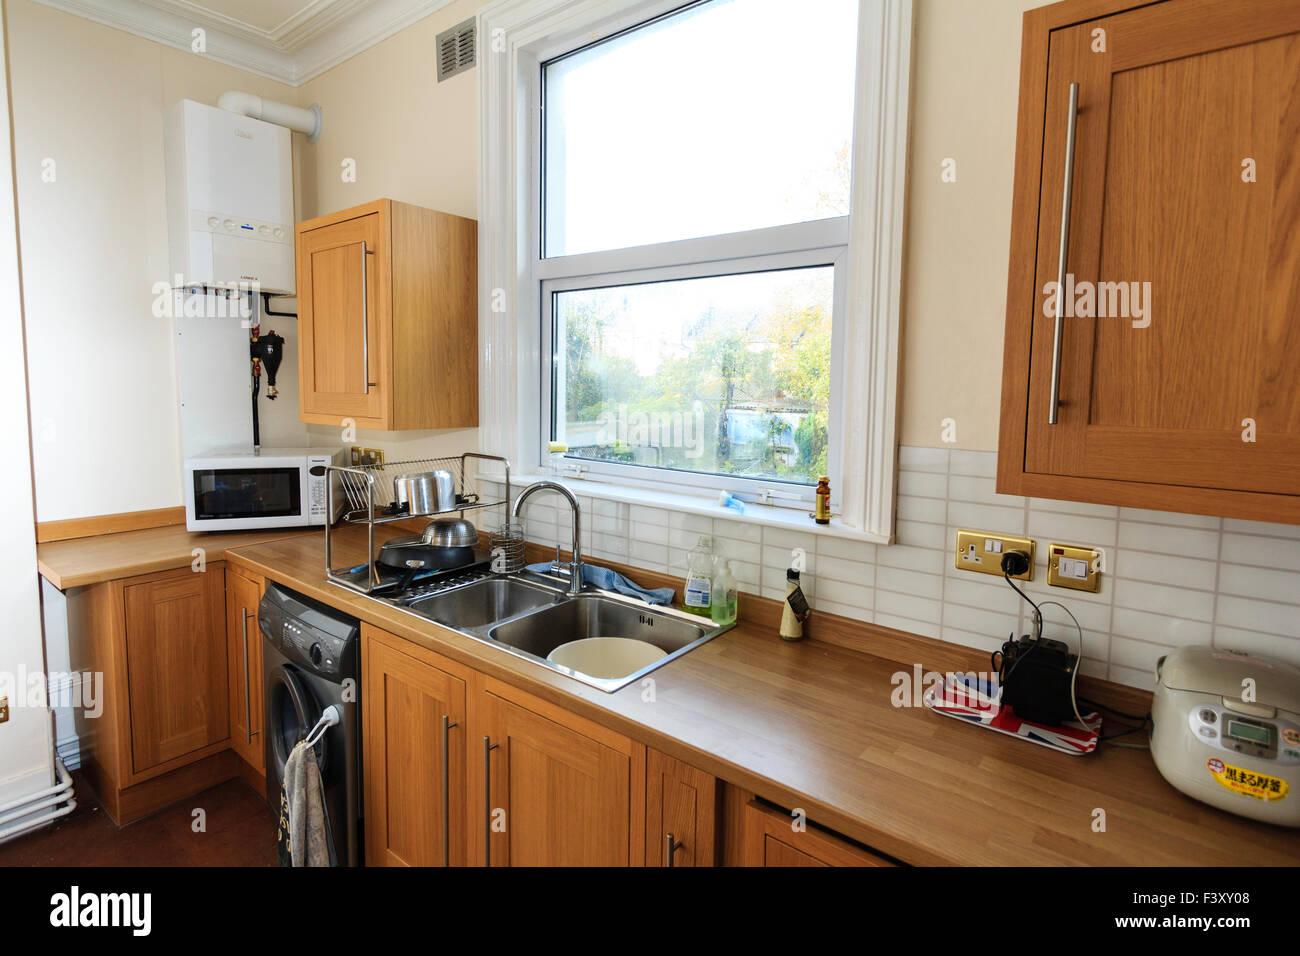 Top Cucina In Legno Grezzo : Piani cucina in legno lamellare elegante piano tavolo legno